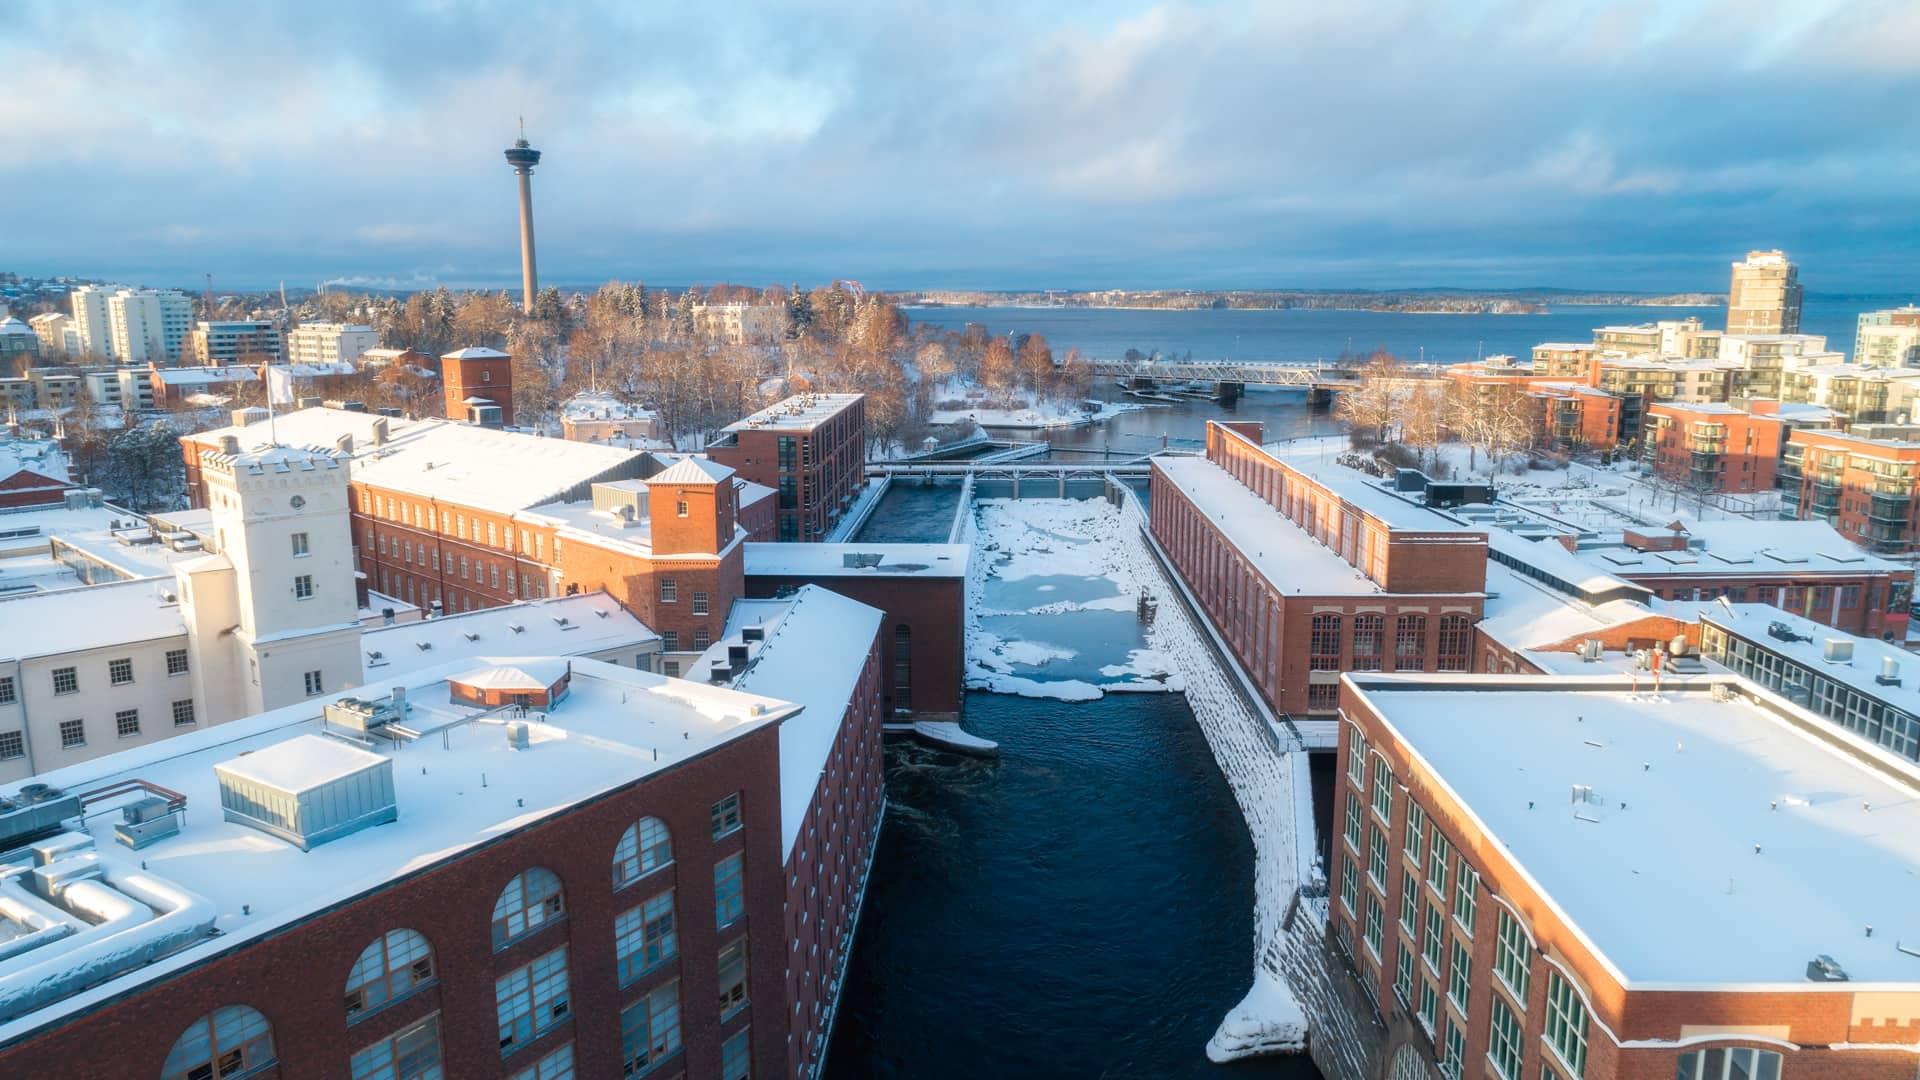 myytävät, asunnot, uudiskohteet, Tampere